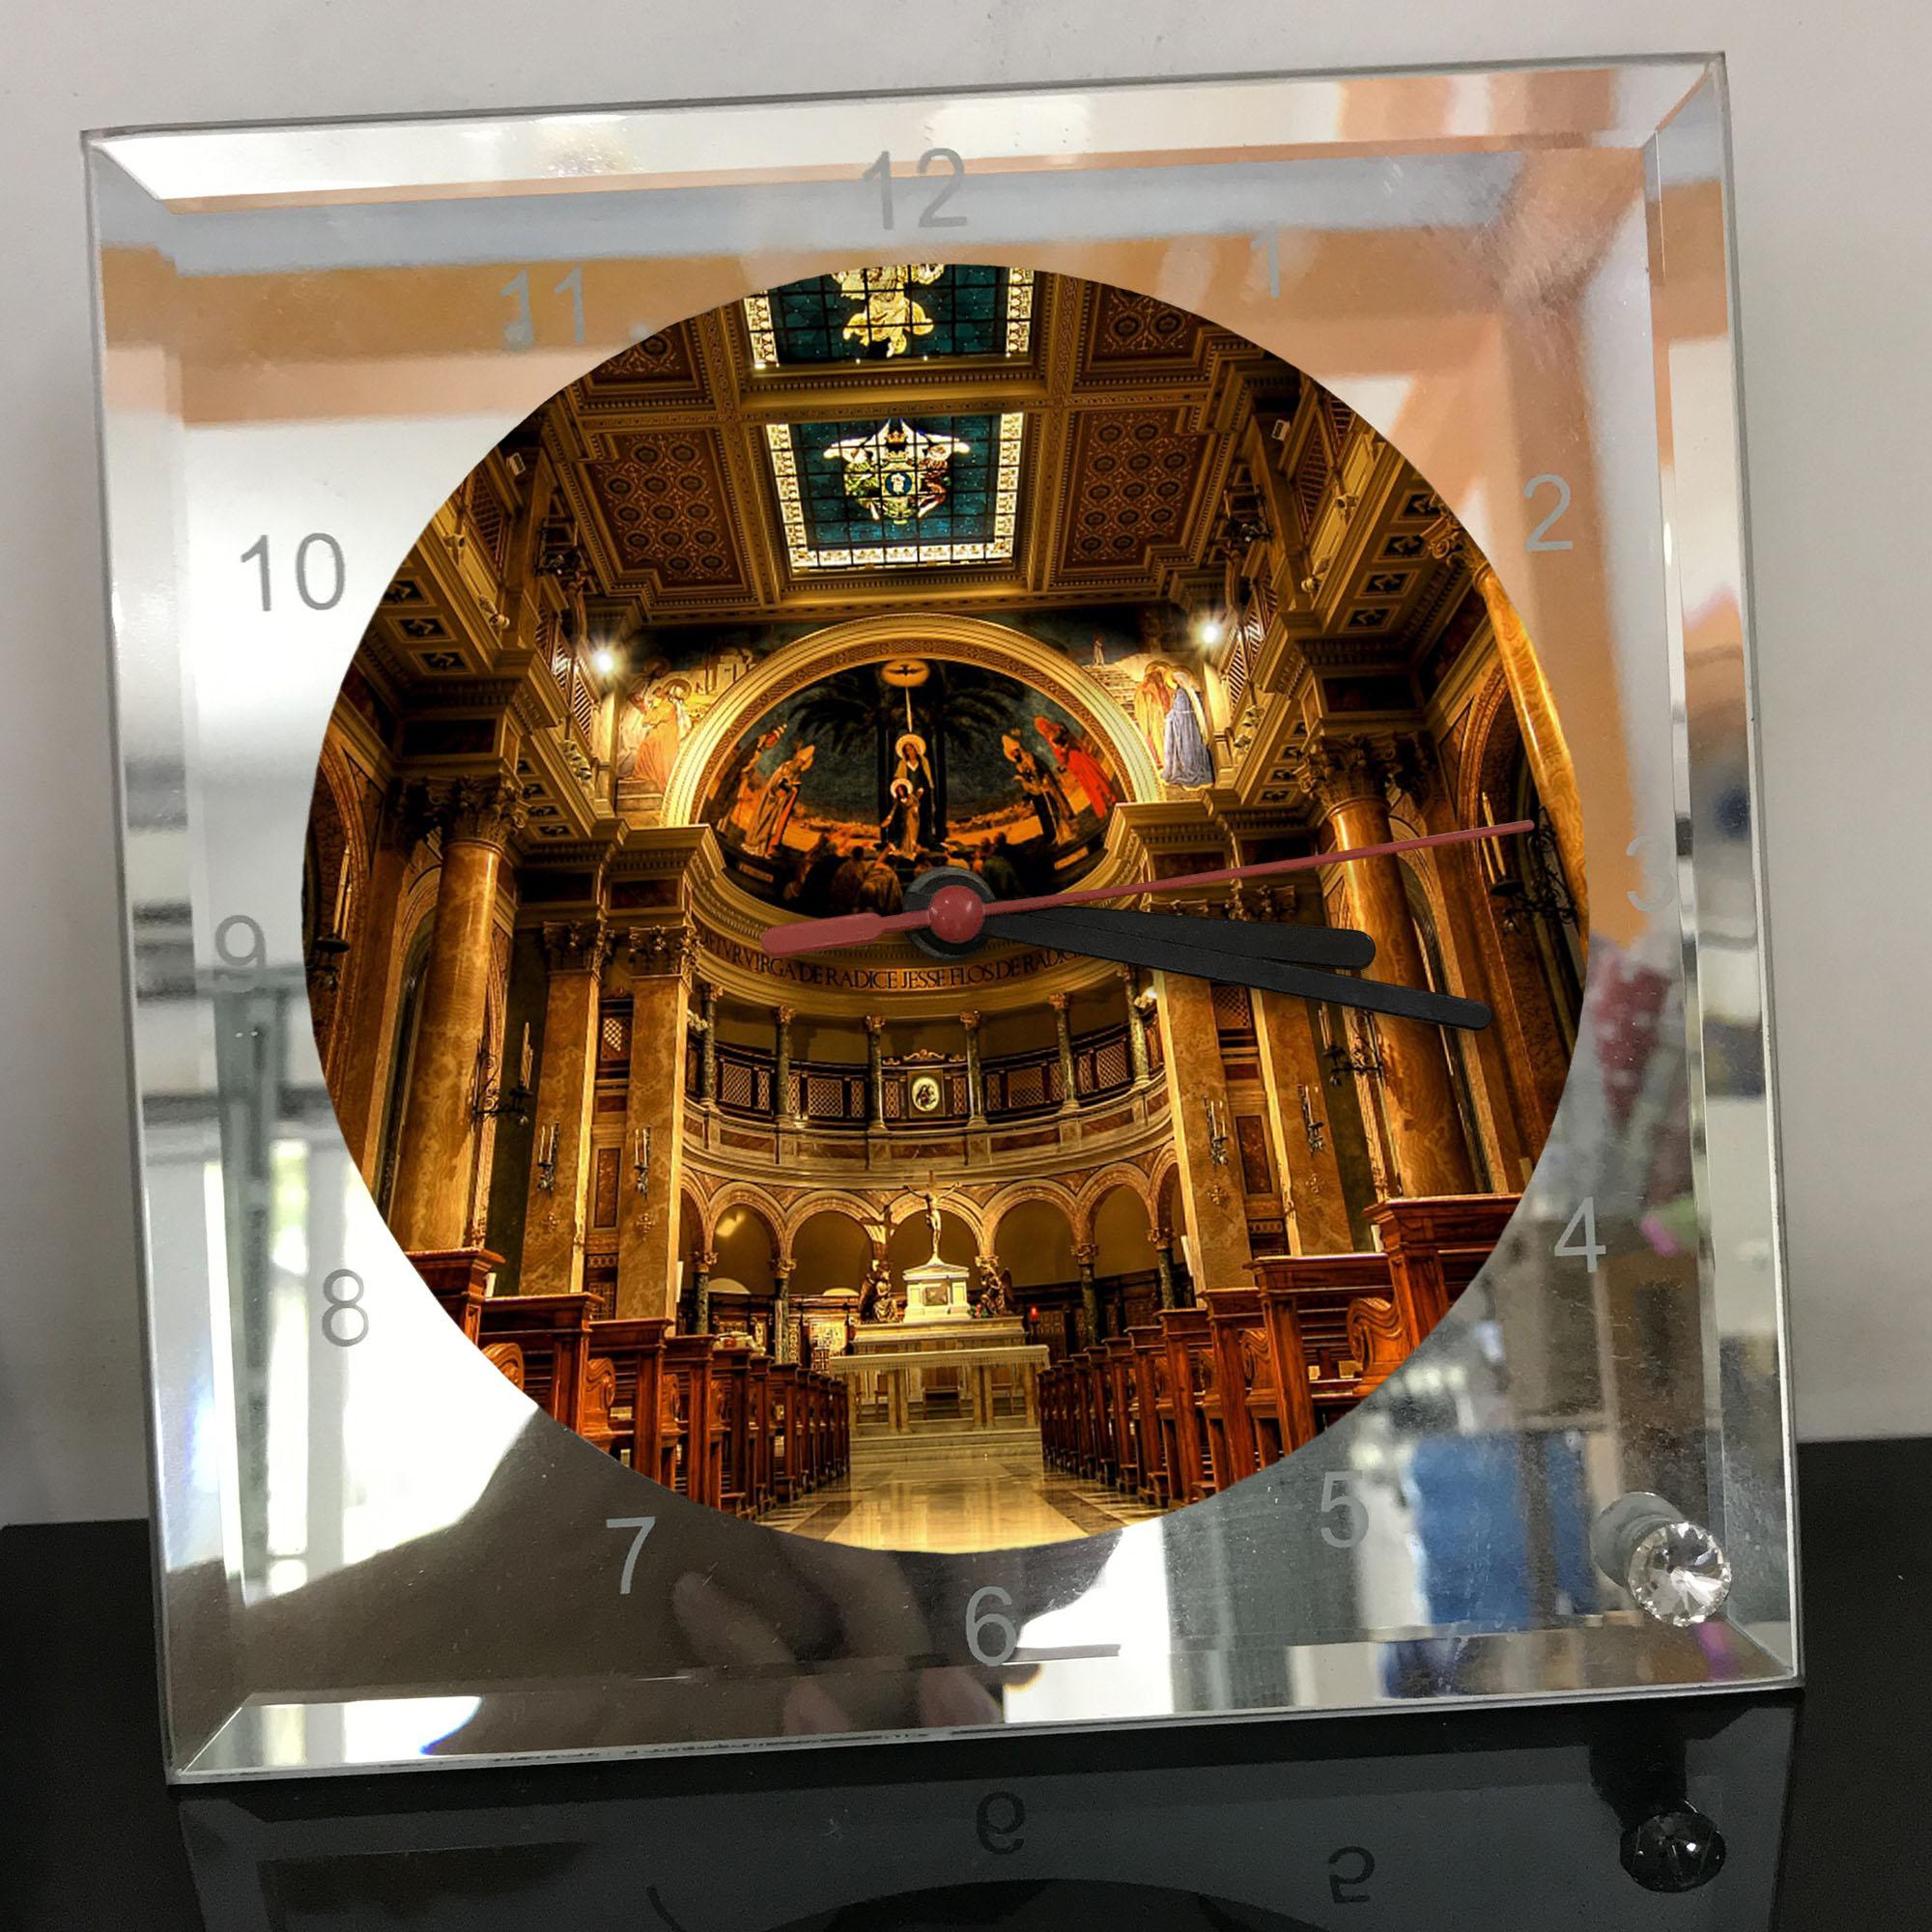 Đồng hồ thủy tinh vuông 20x20 in hình Church - nhà thờ (188) . Đồng hồ thủy tinh để bàn trang trí đẹp chủ đề tôn giáo